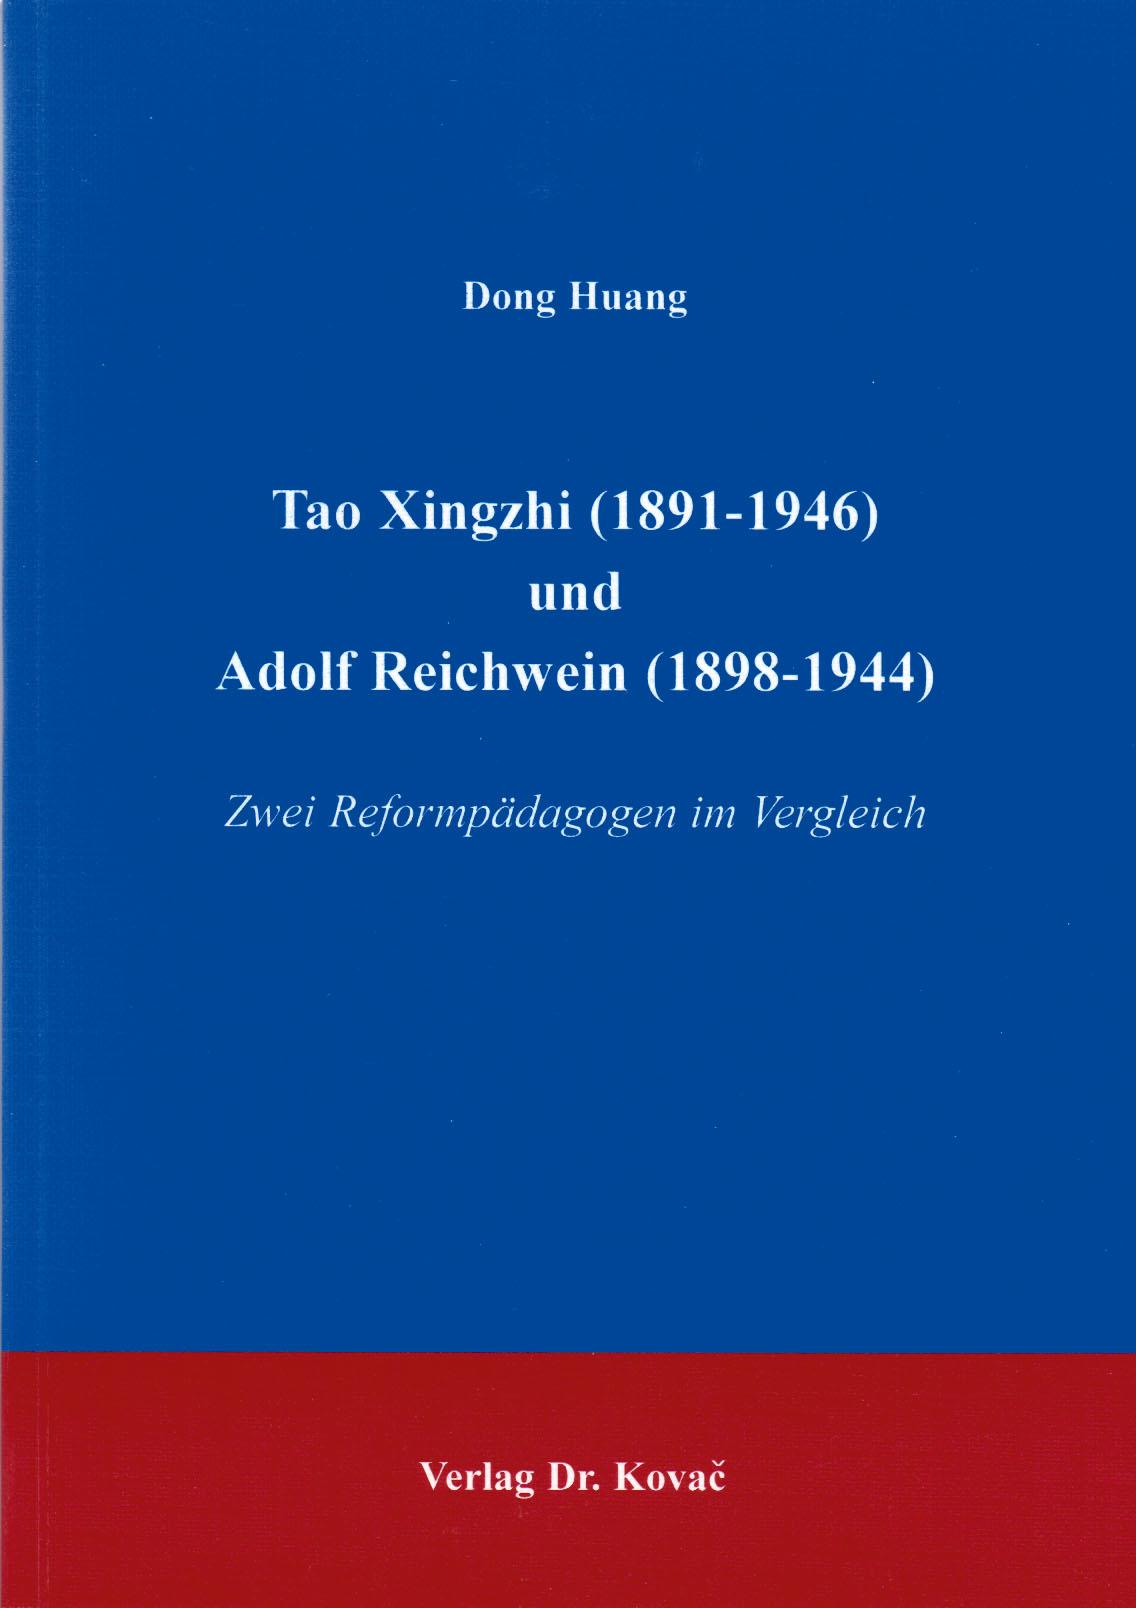 Cover: Tao Xingzhi (1891-1946) und Adolf Reichwein (1898-1944)